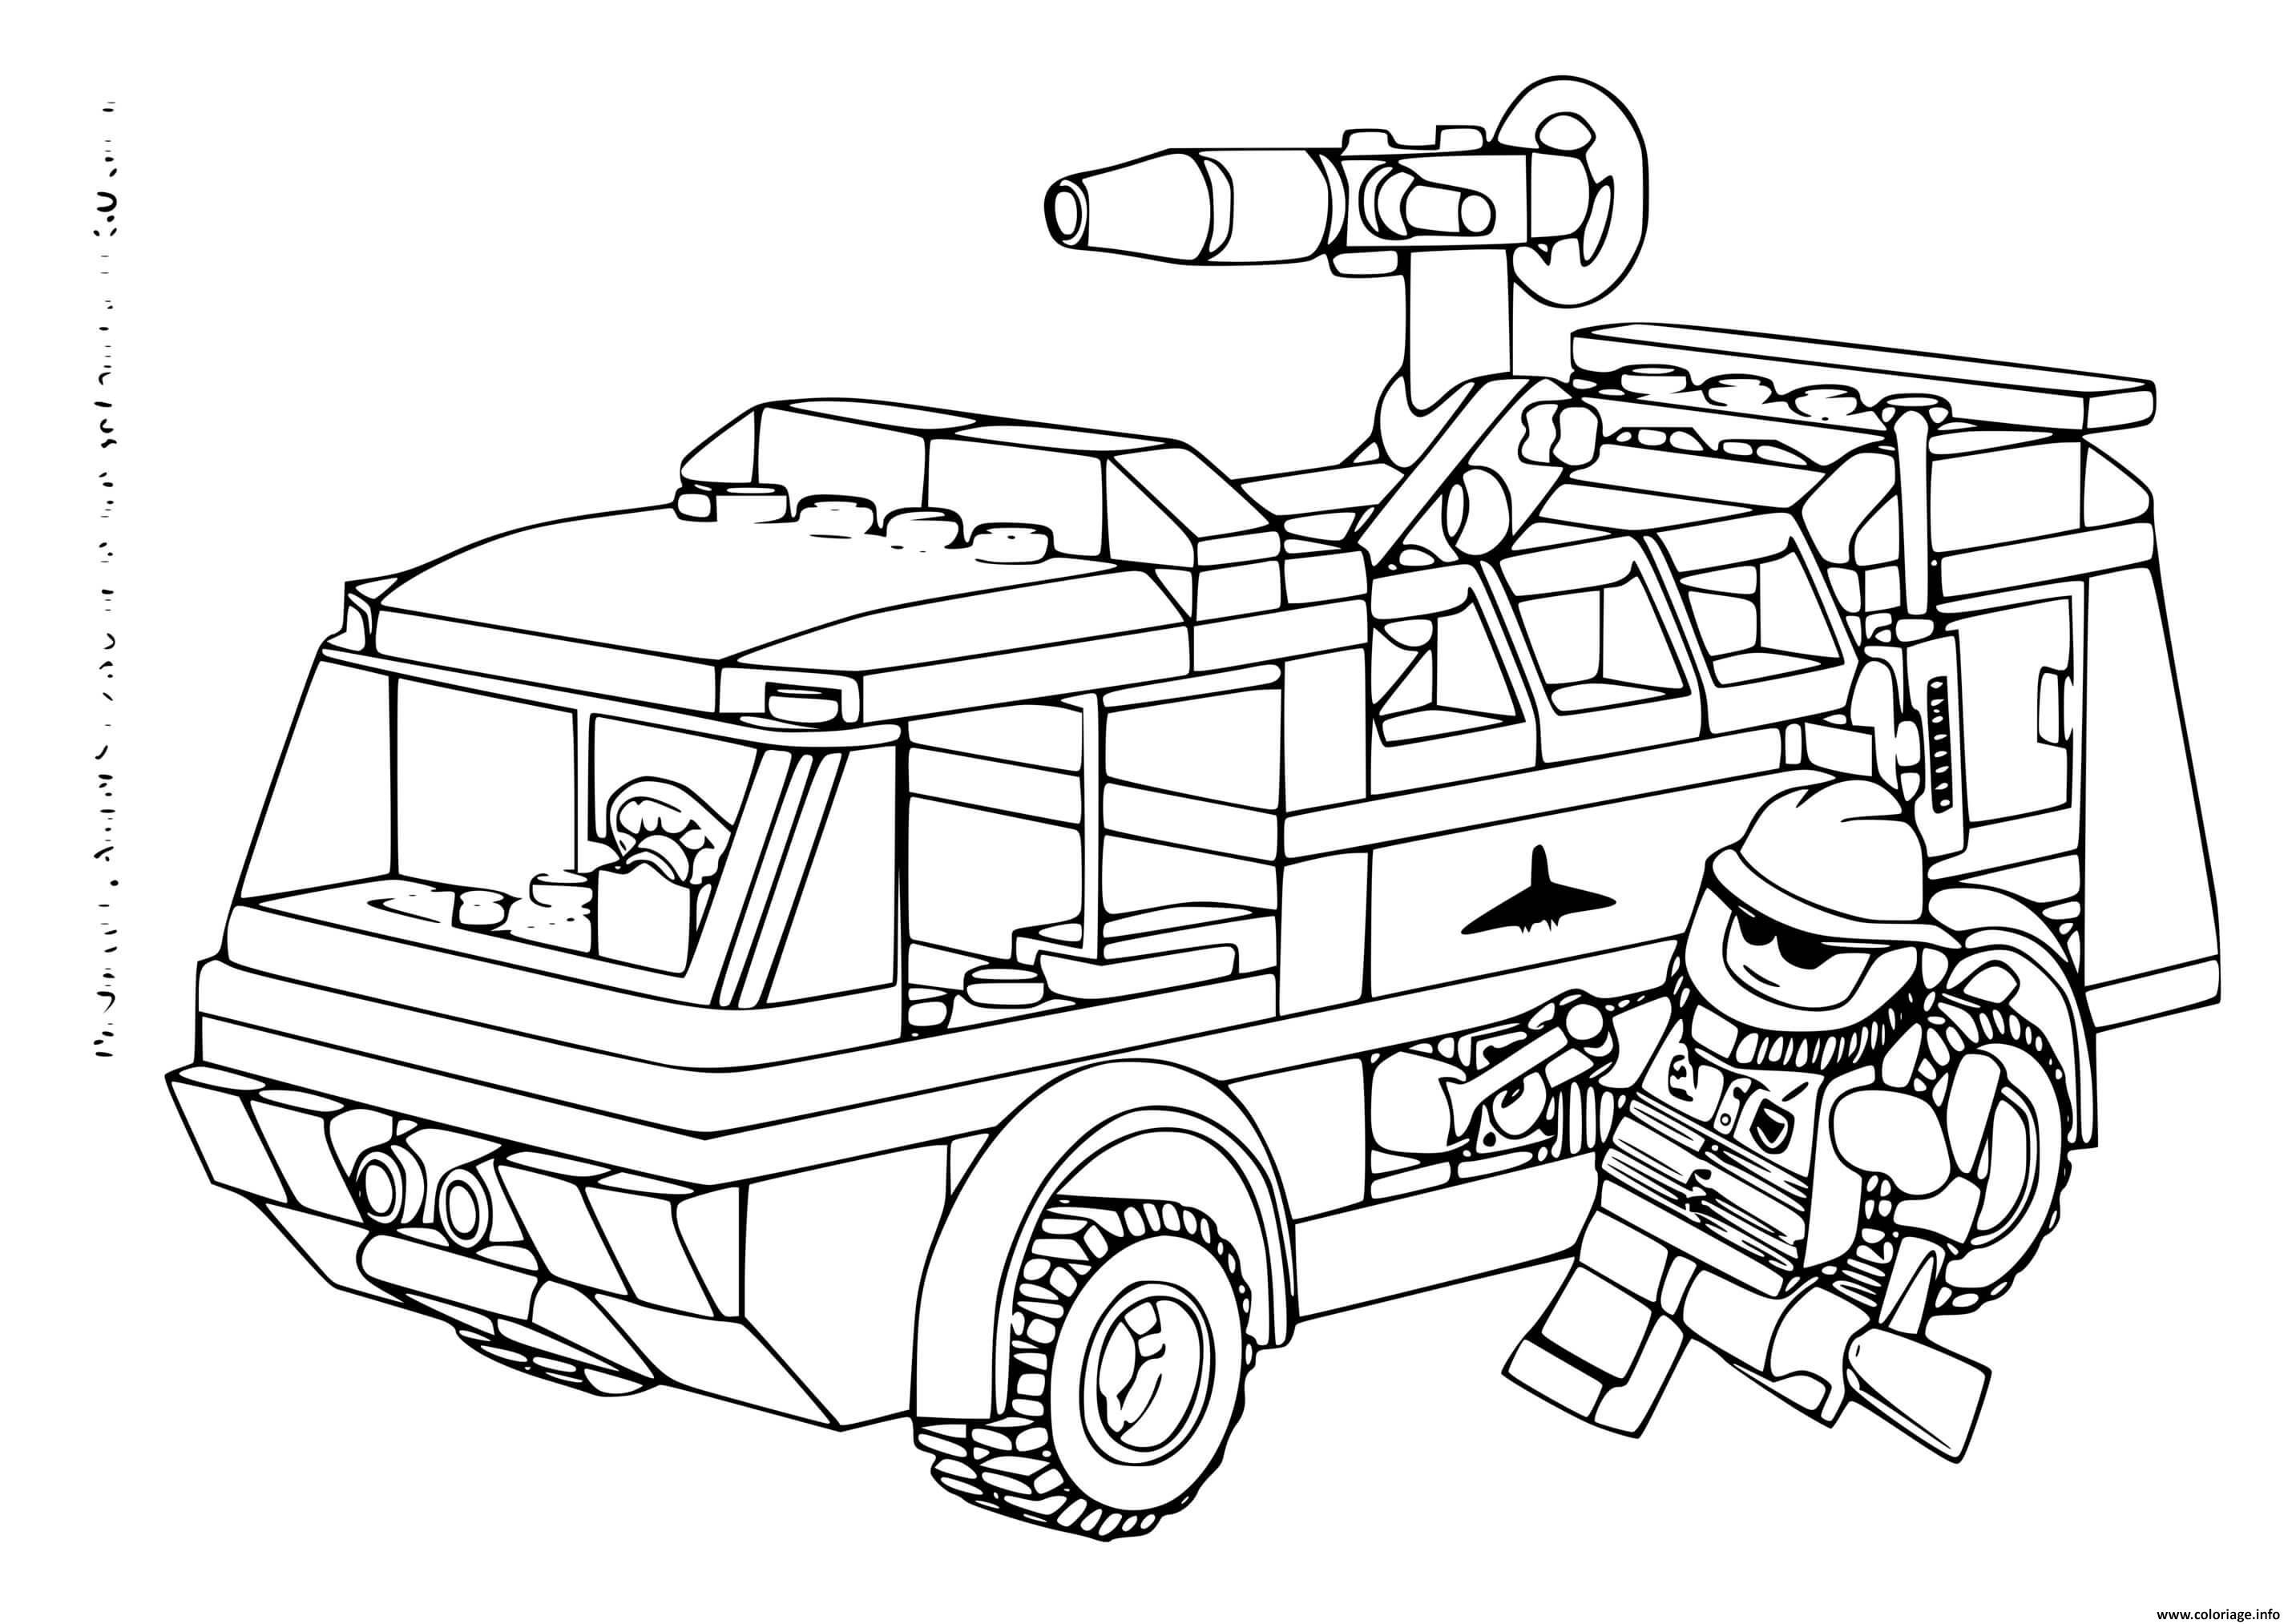 Dessin lego camion de pompiers Coloriage Gratuit à Imprimer